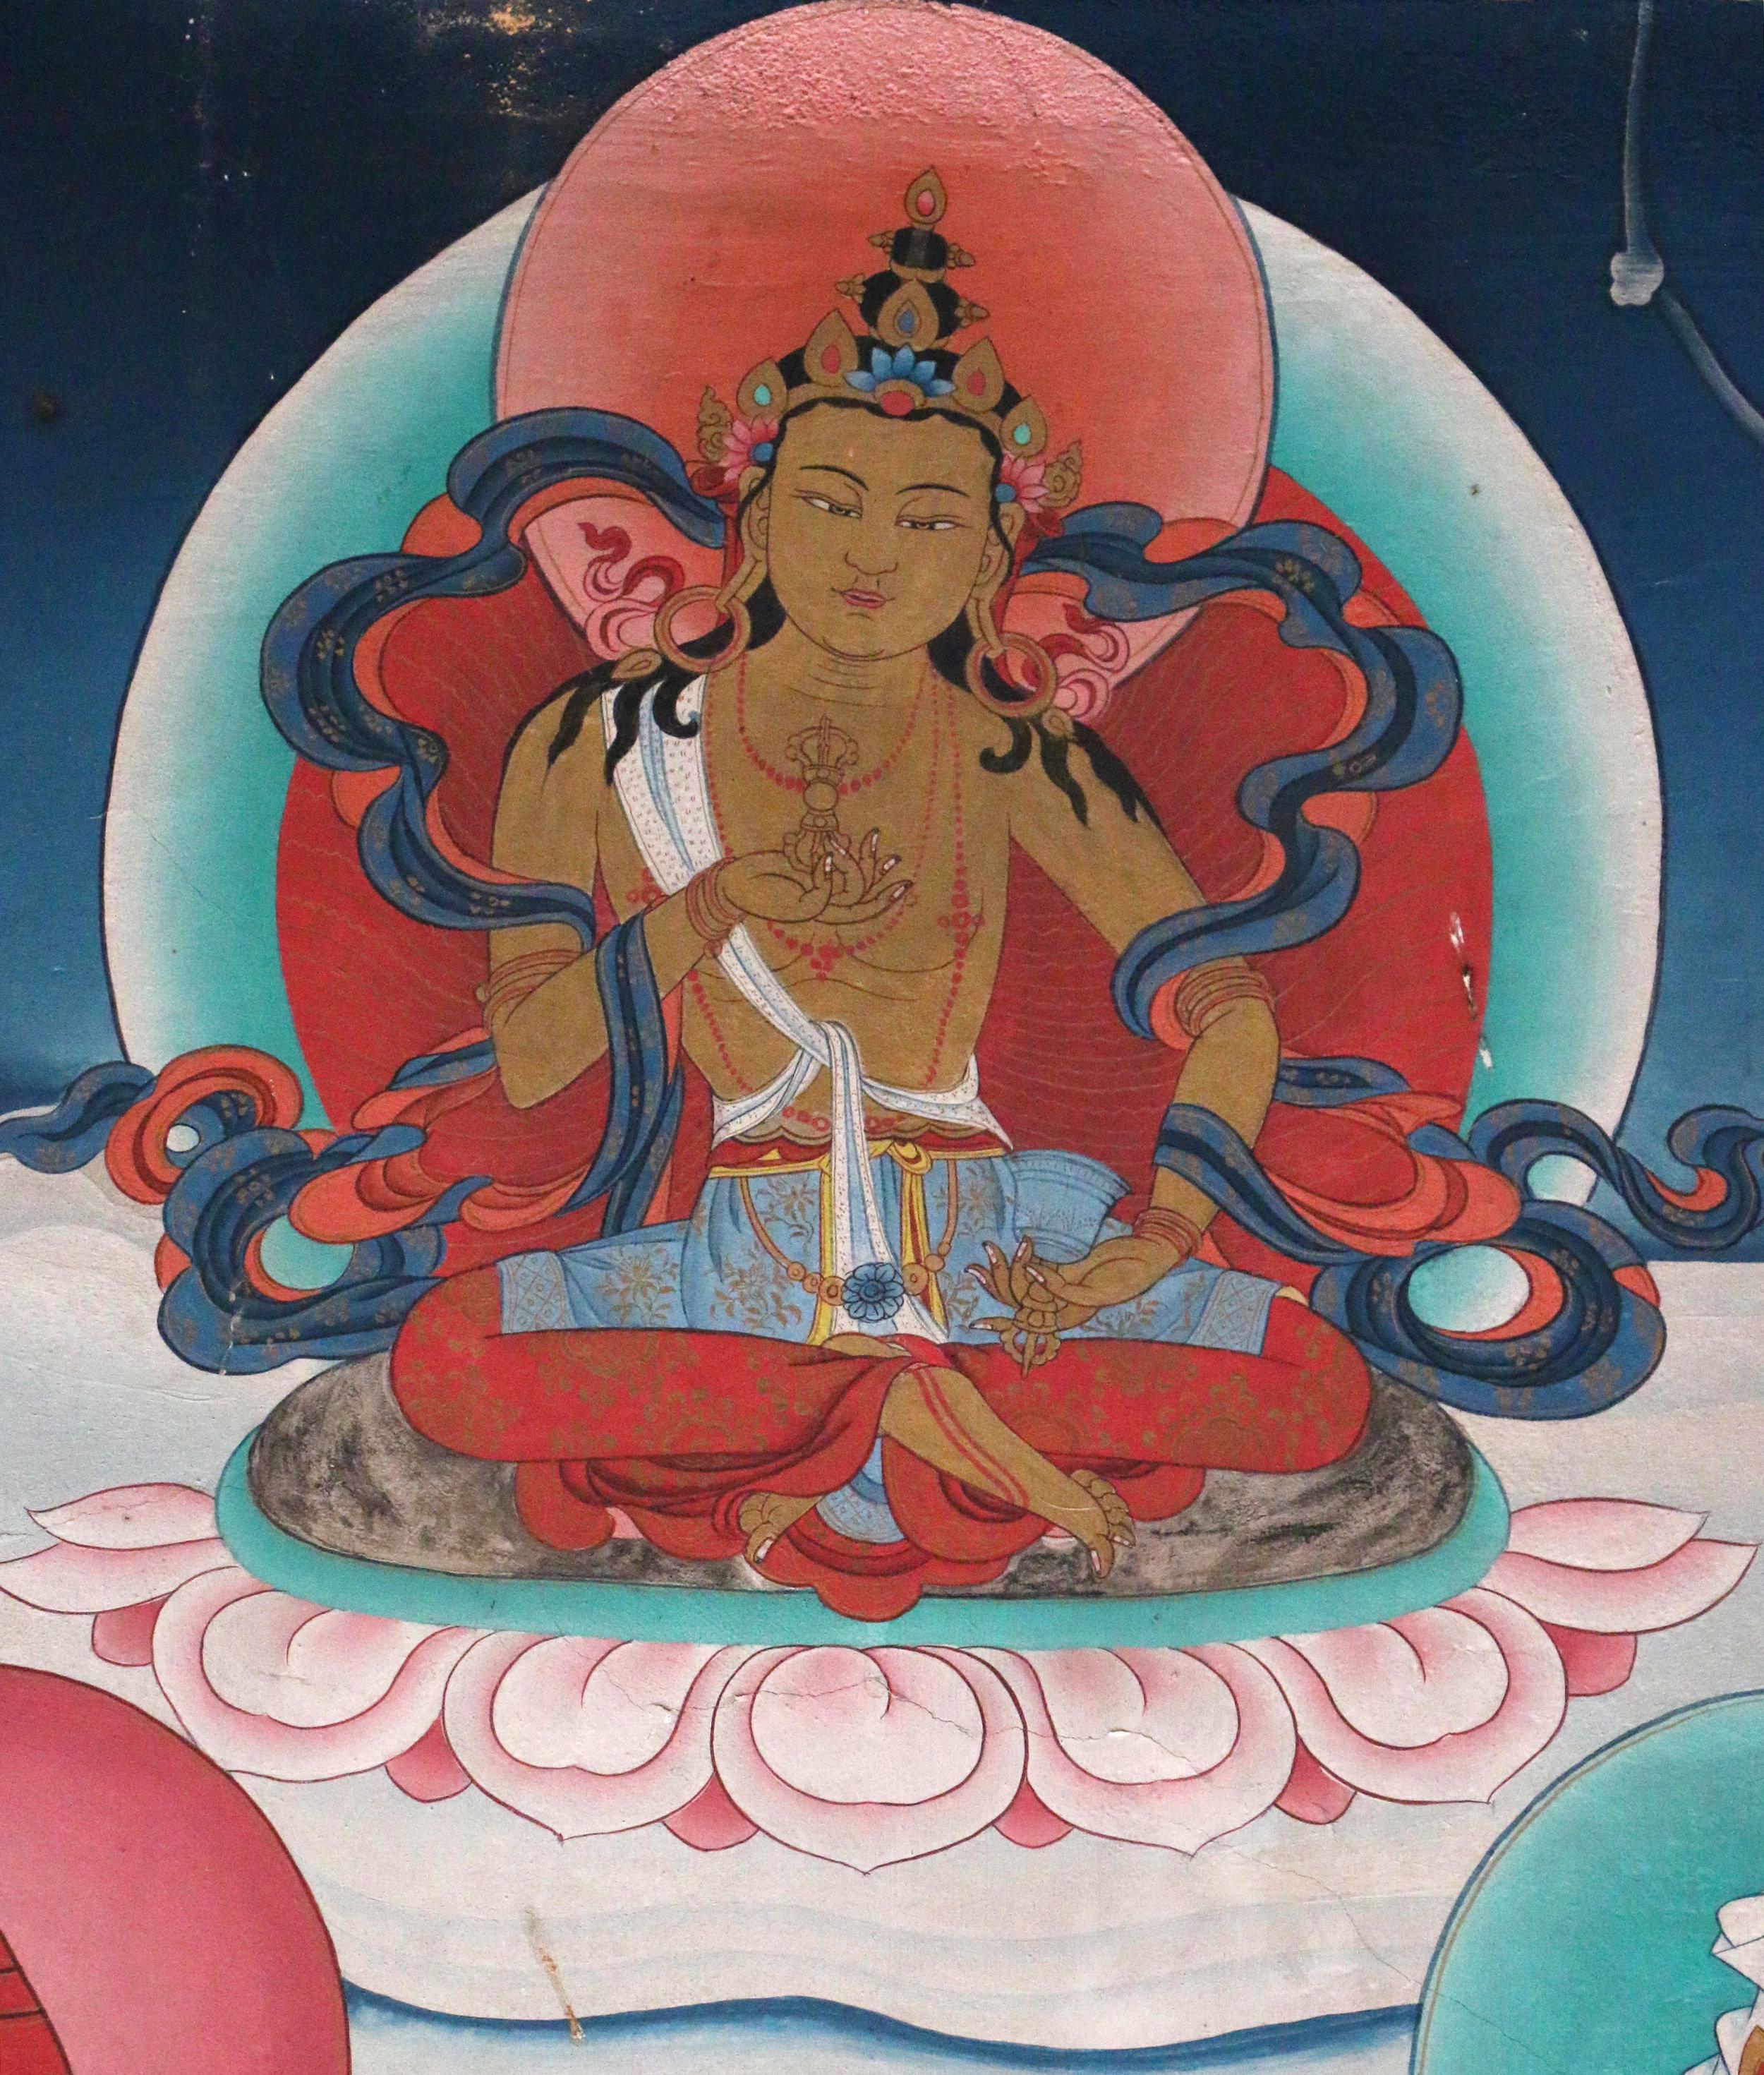 Sangdak Dorje